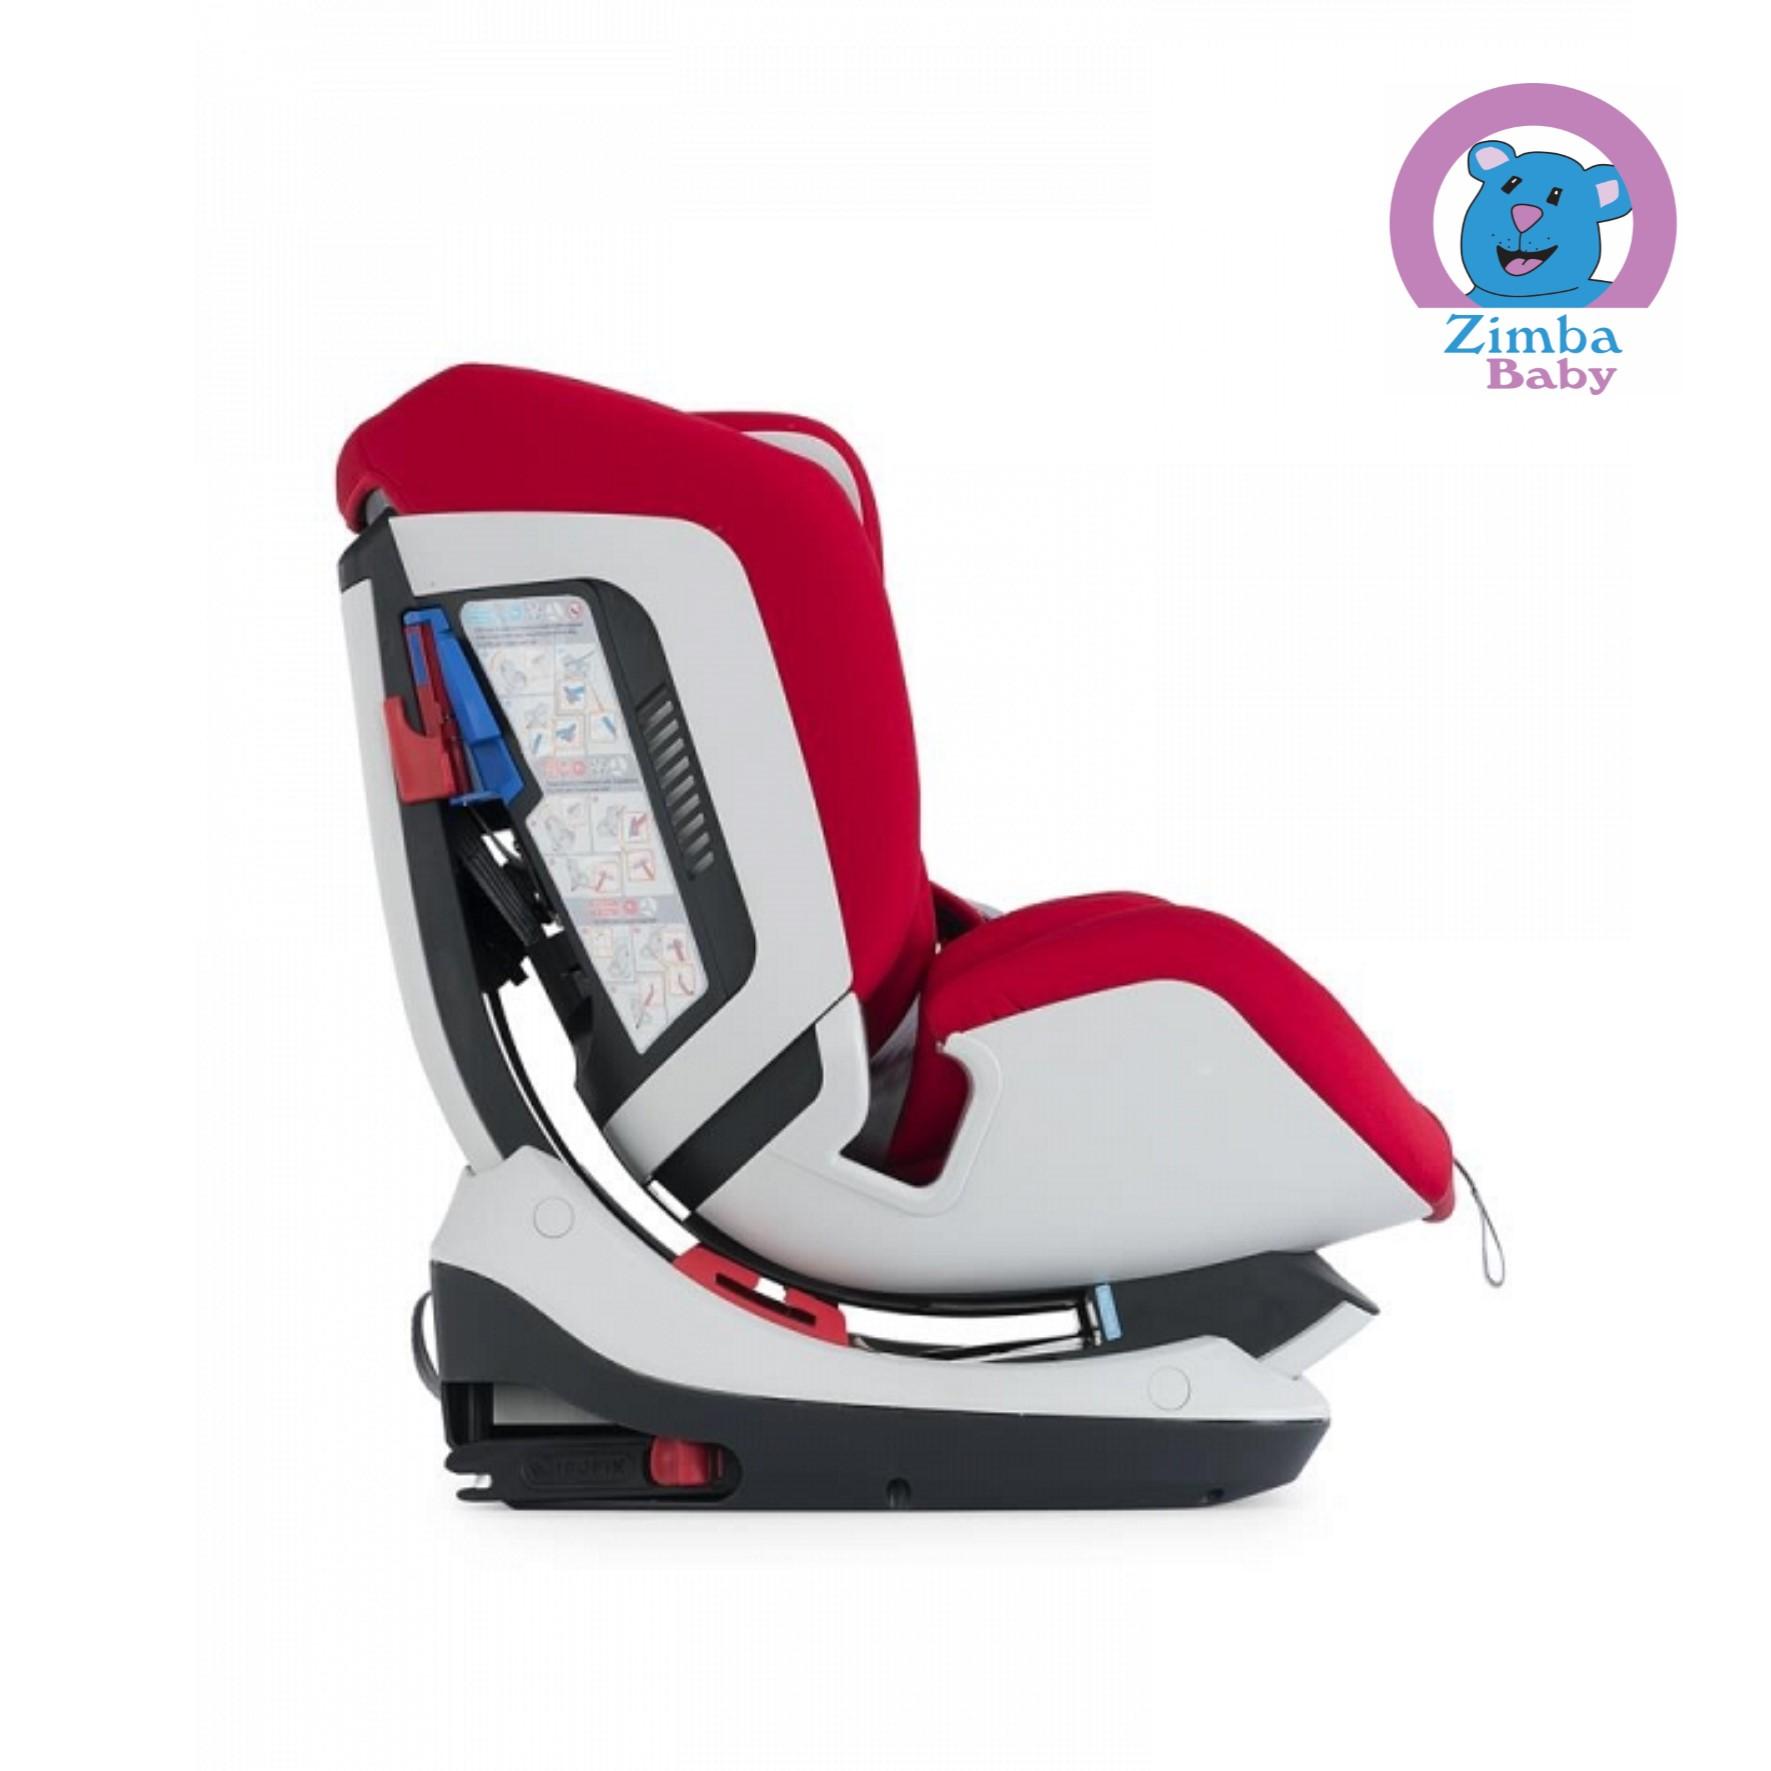 81665aabb Produtos > Passeio > Cadeira para Auto > Chicco. | Cadeira de carro ...